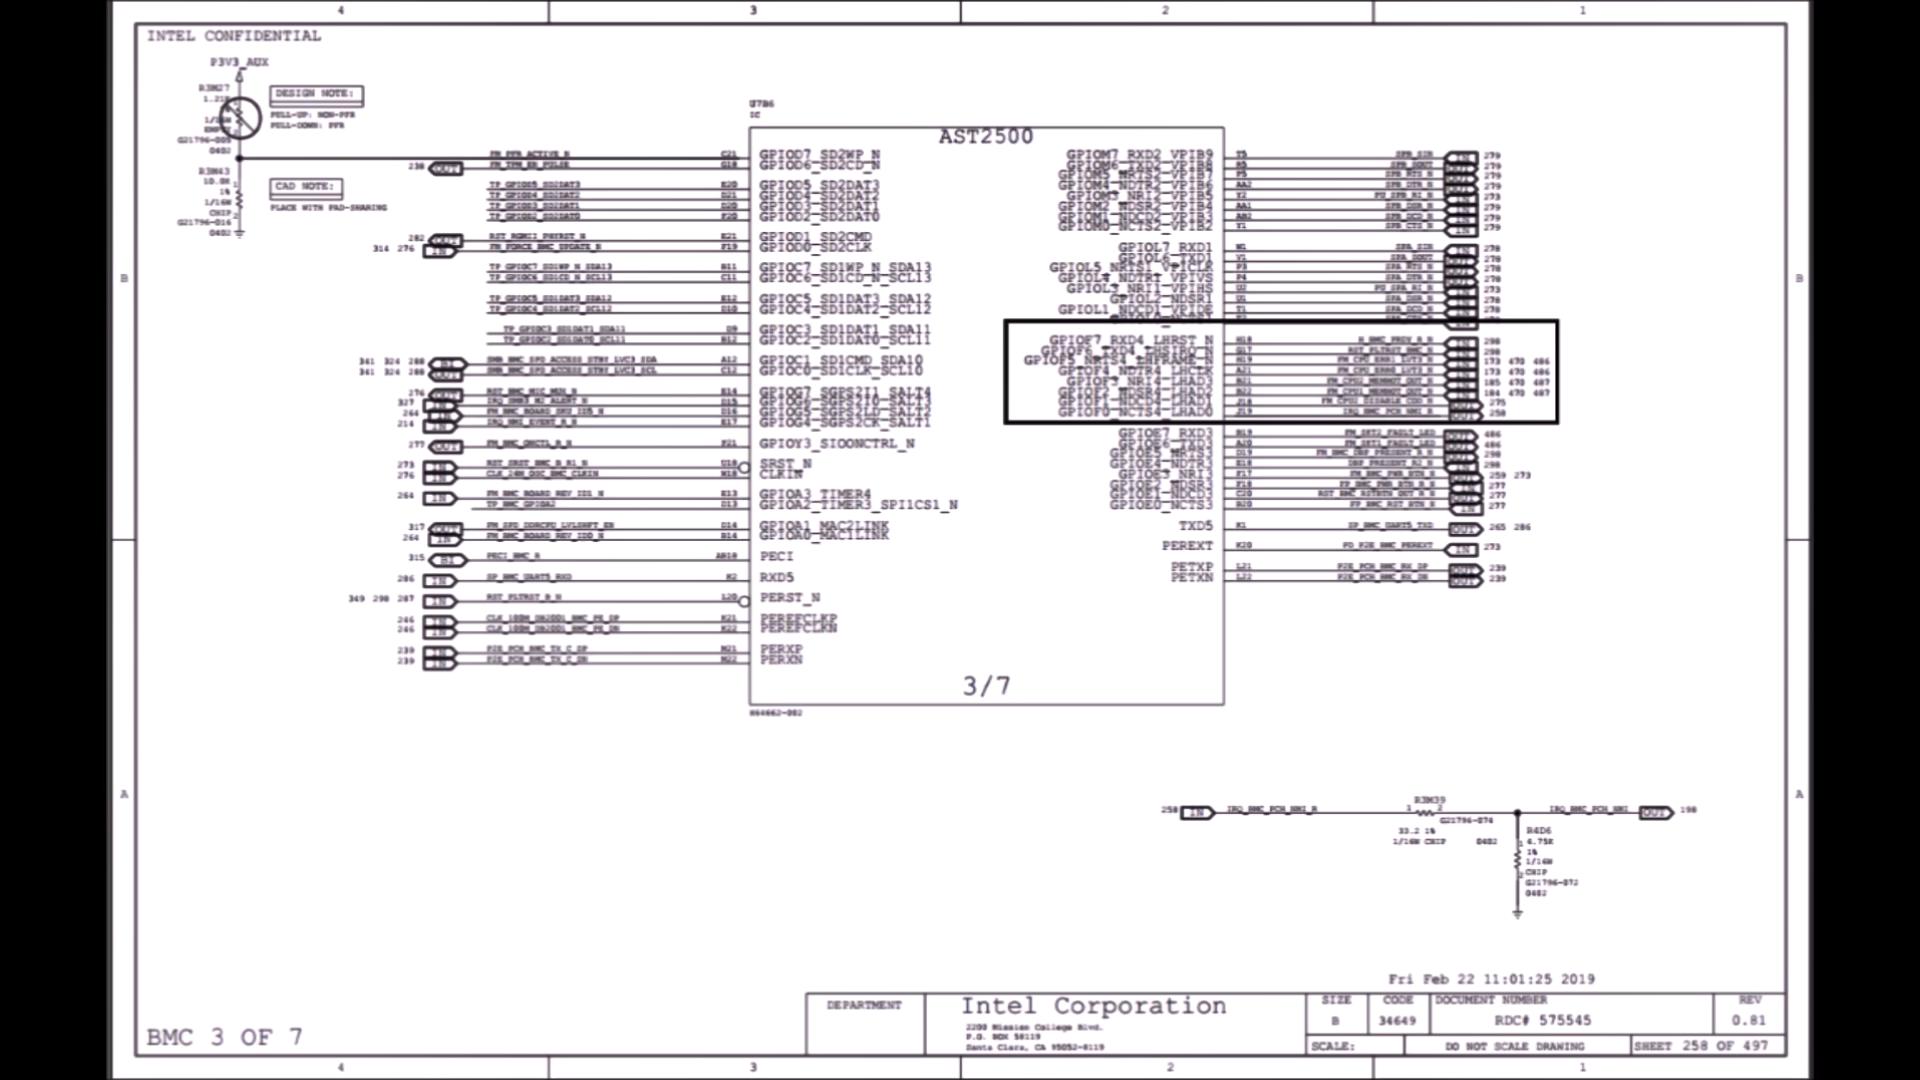 Анализ данных из последнего слива Intel - 16